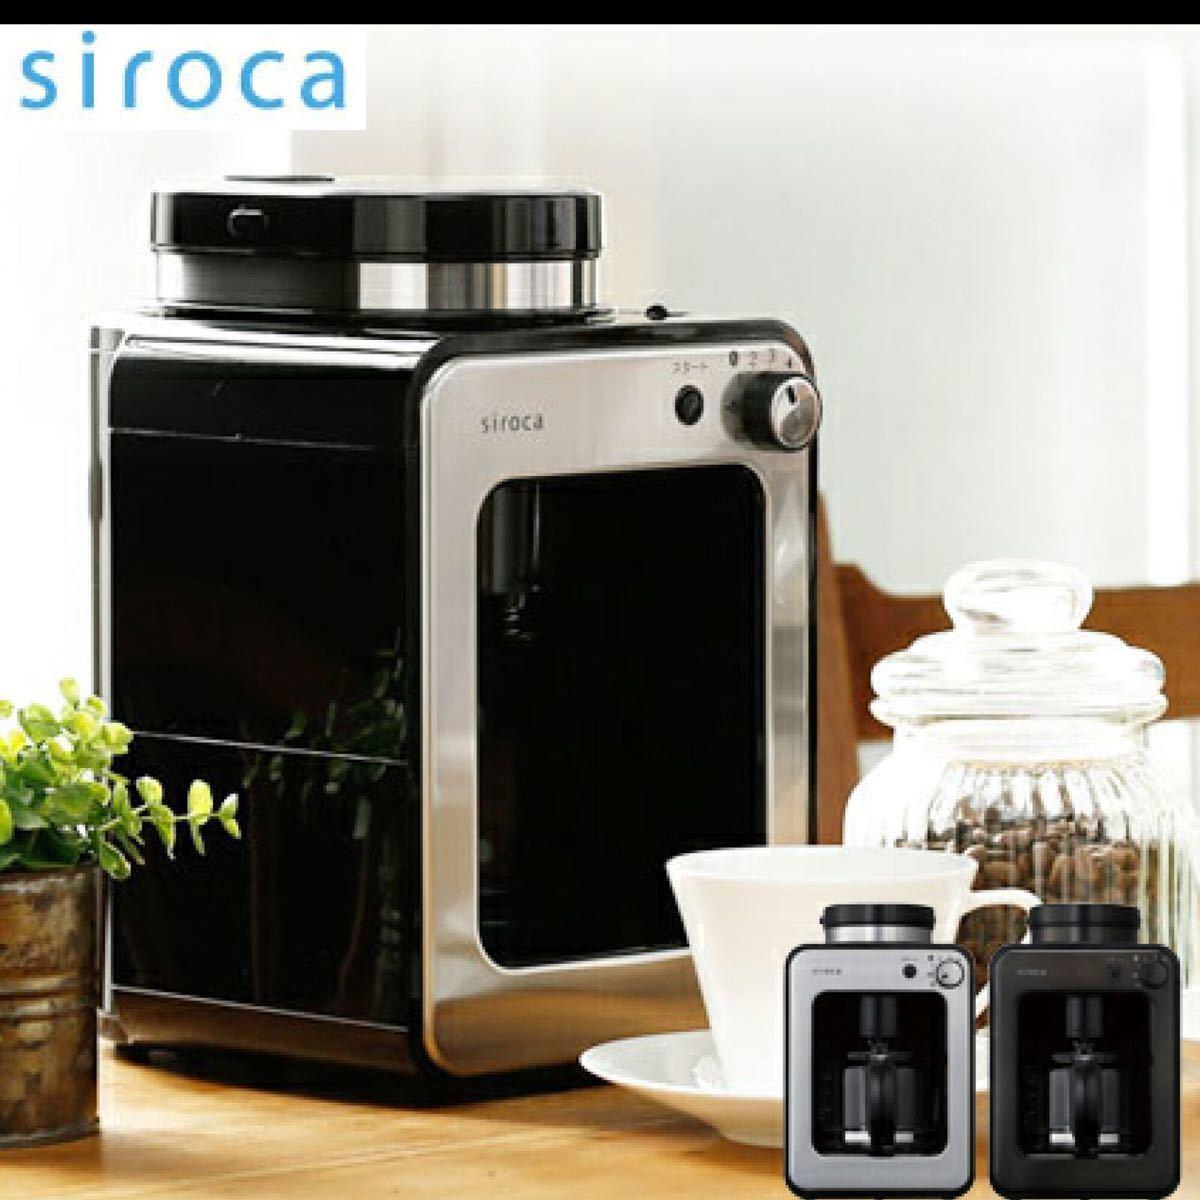 コーヒーメーカー siroca シロカ